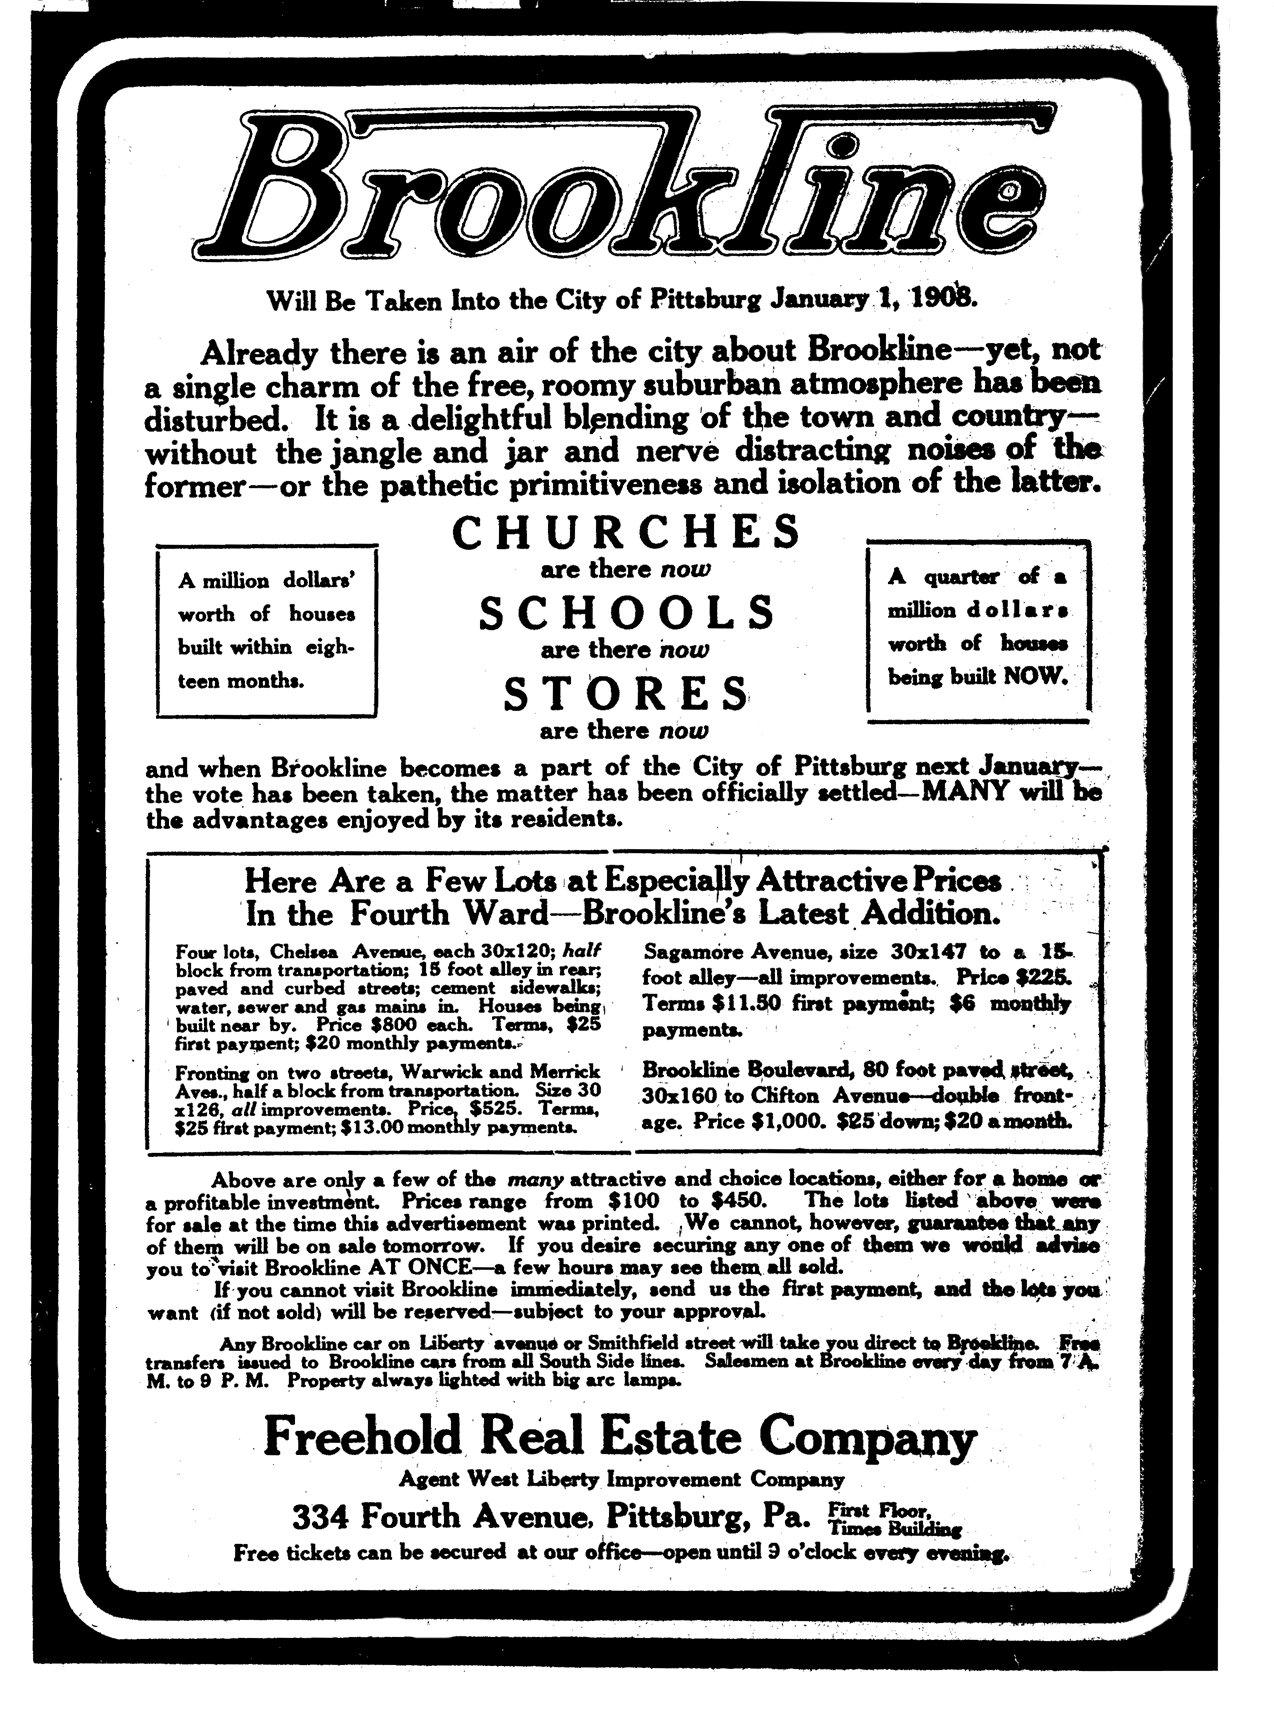 brookline-ad-1905.jpg